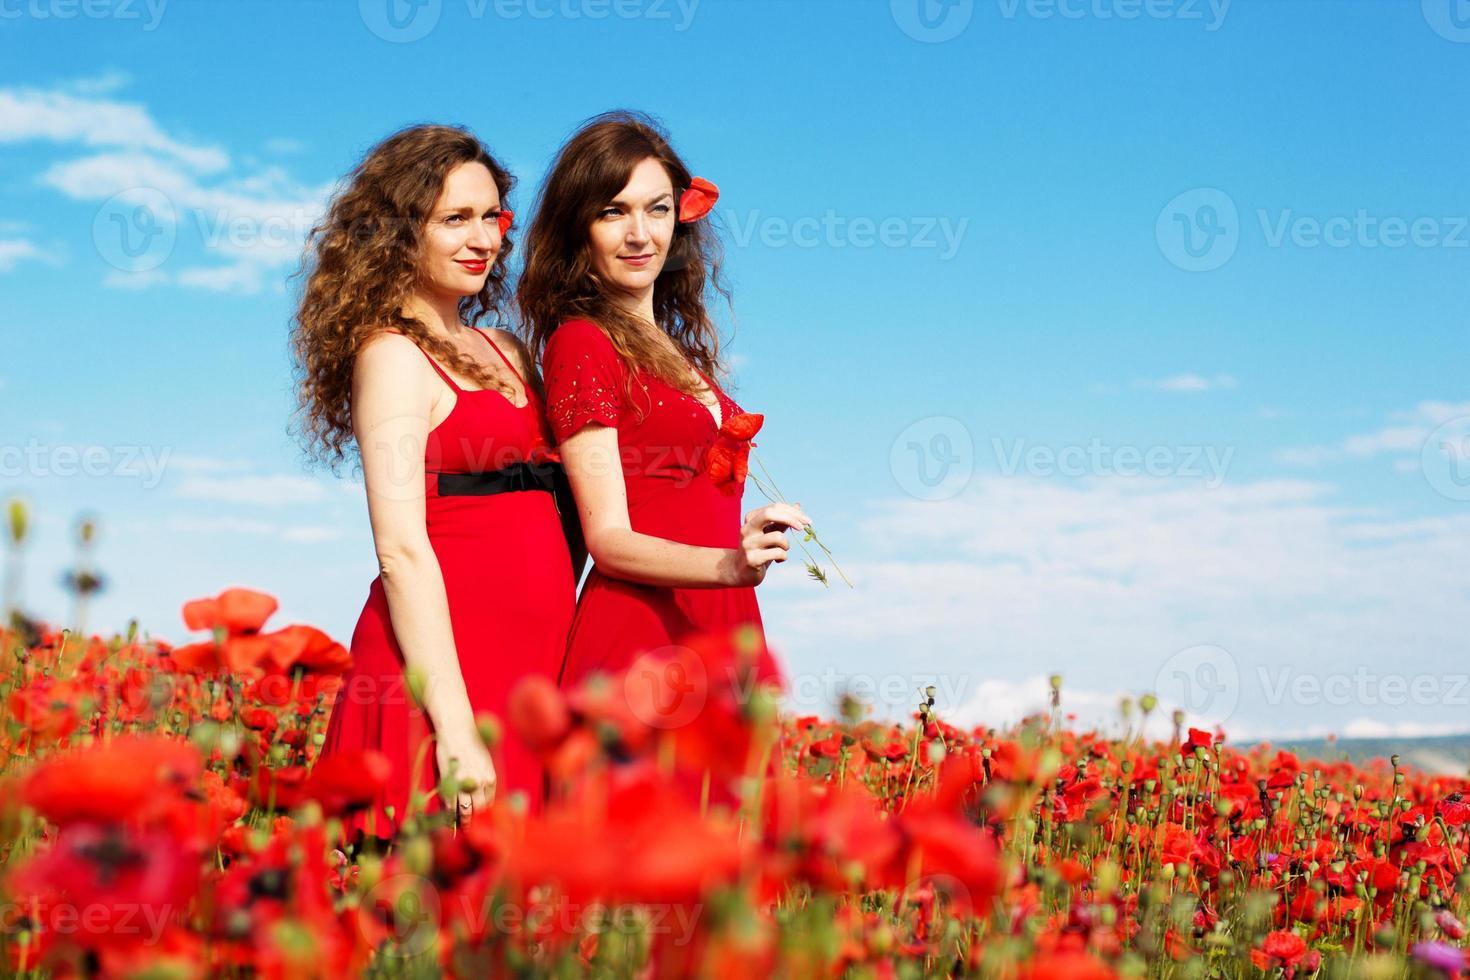 deux, jeunes femmes, jouer, dans, champ coquelicots photo